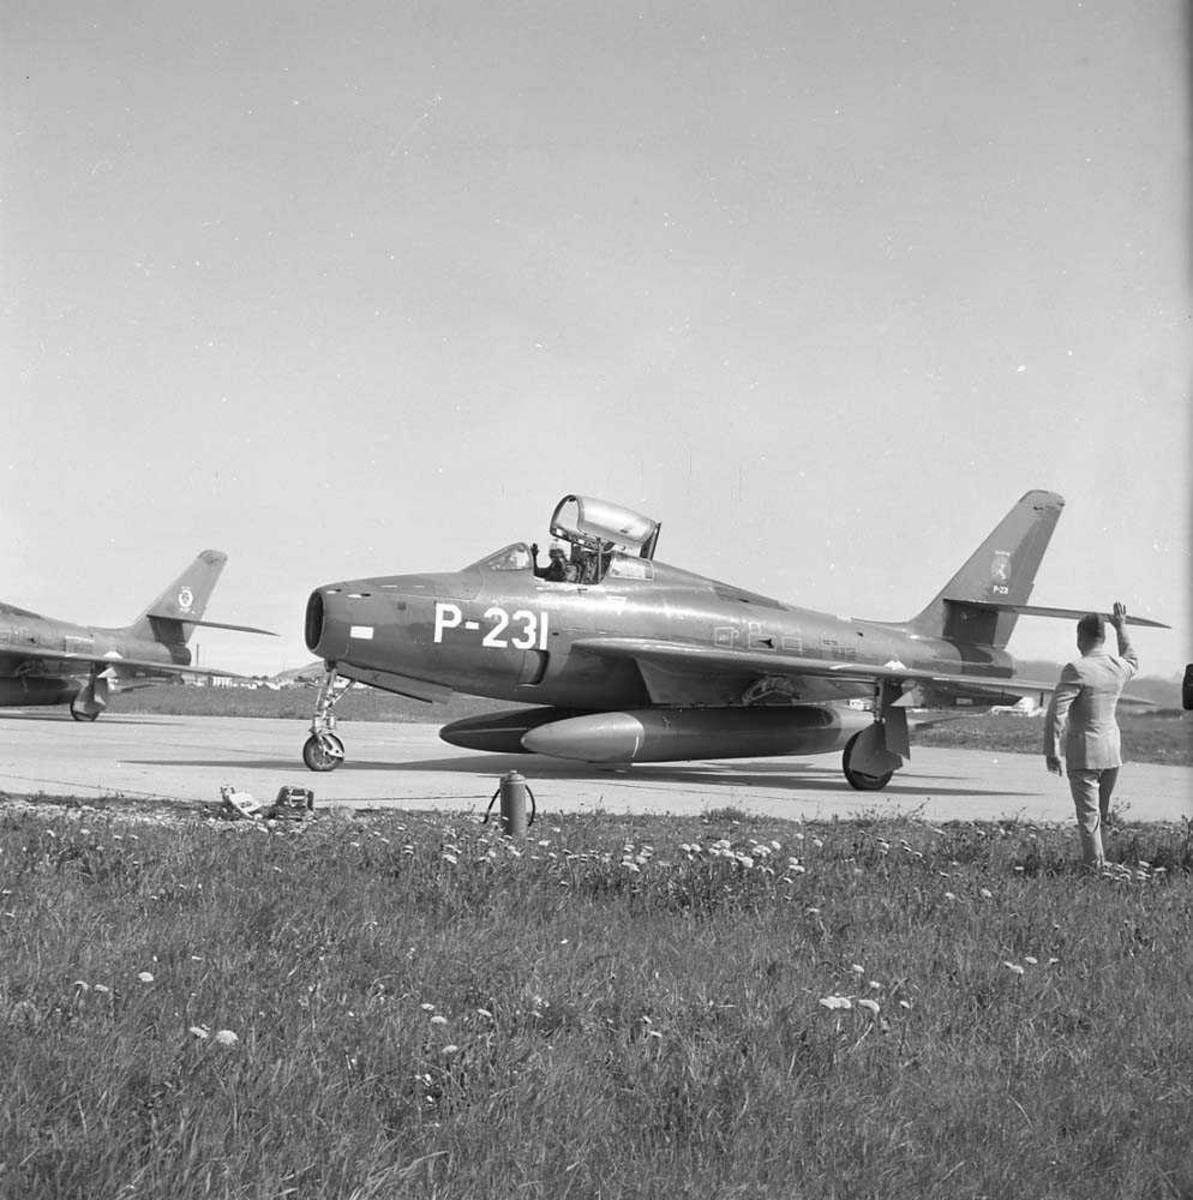 """314 skvadron fra Nederland reiser hjem etter å ha deltatt i øvelsen """"Polar Express"""". Under øvelsen var de stasjonert på Bodø flystasjon. Flyet er en Republic F-84F Tunderstreak."""